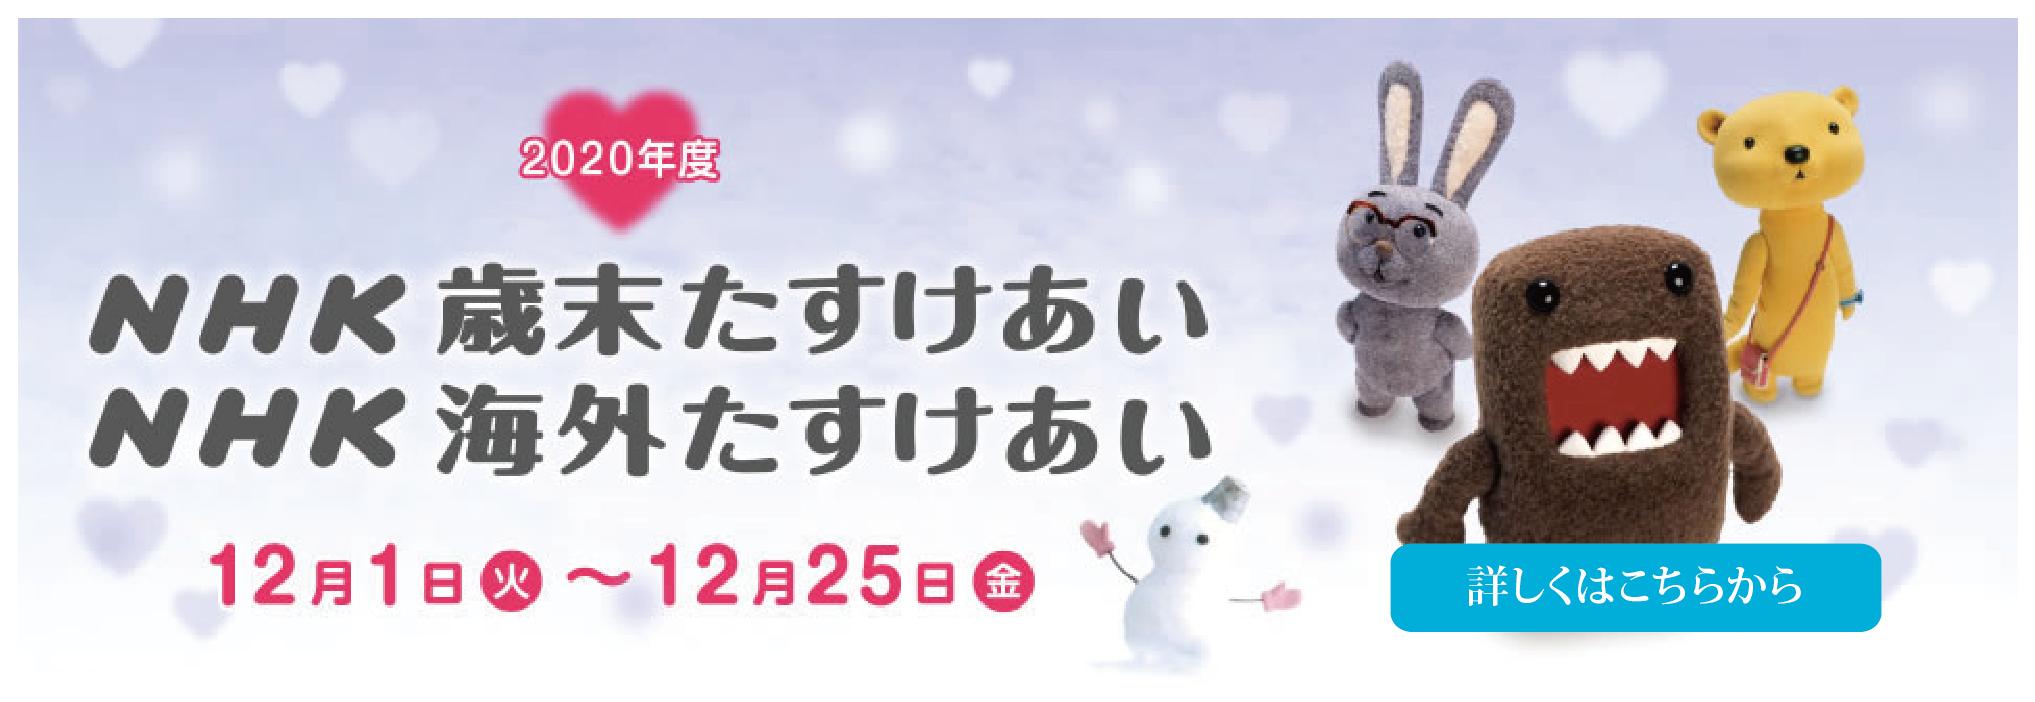 NHK歳末-01.png